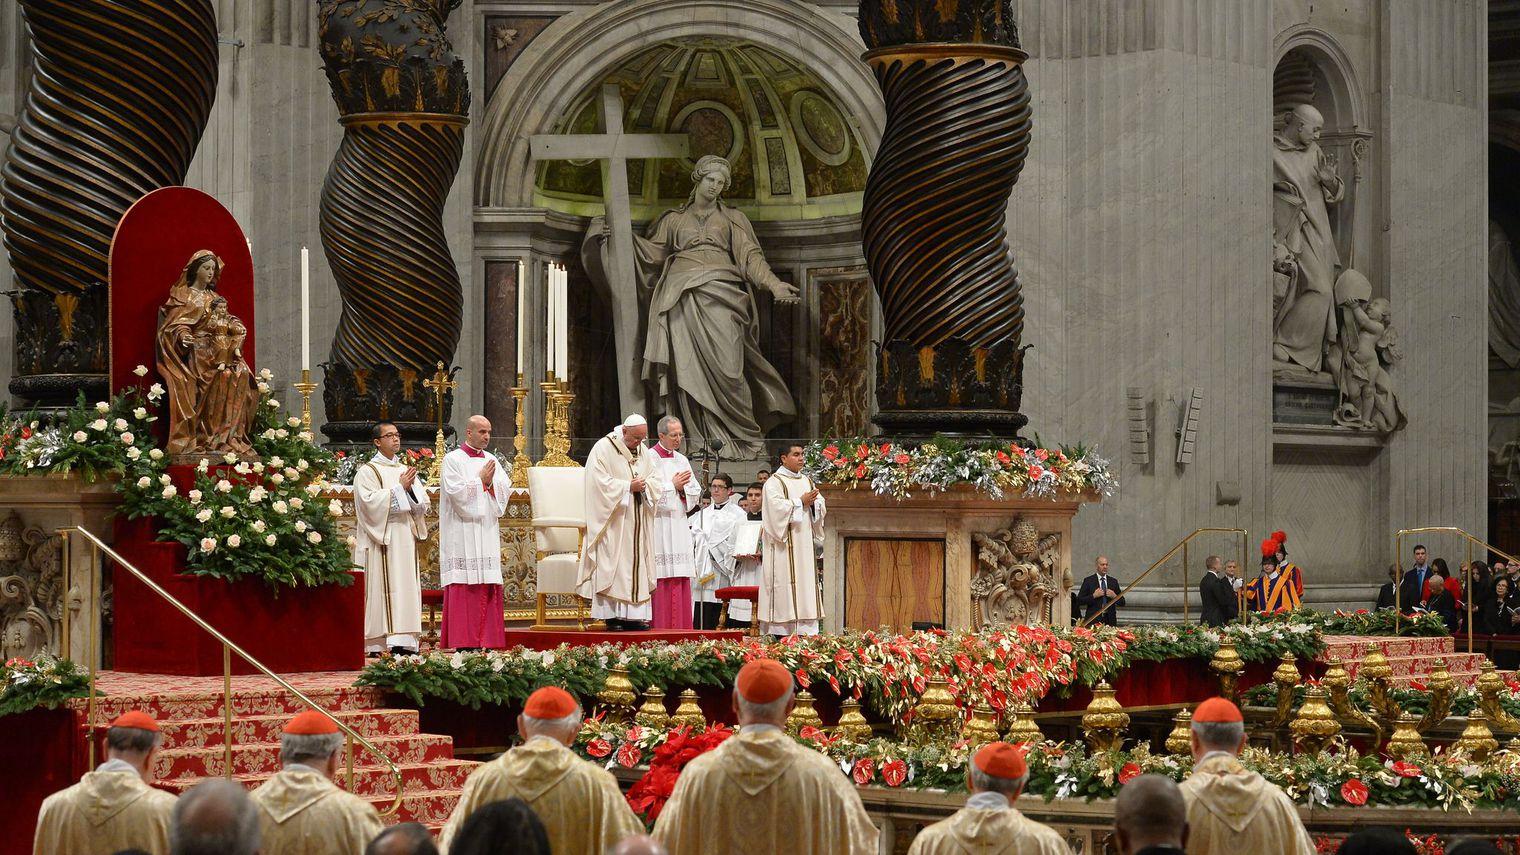 Les catholiques du monde entier célèbrent Noël sur fond de tensions